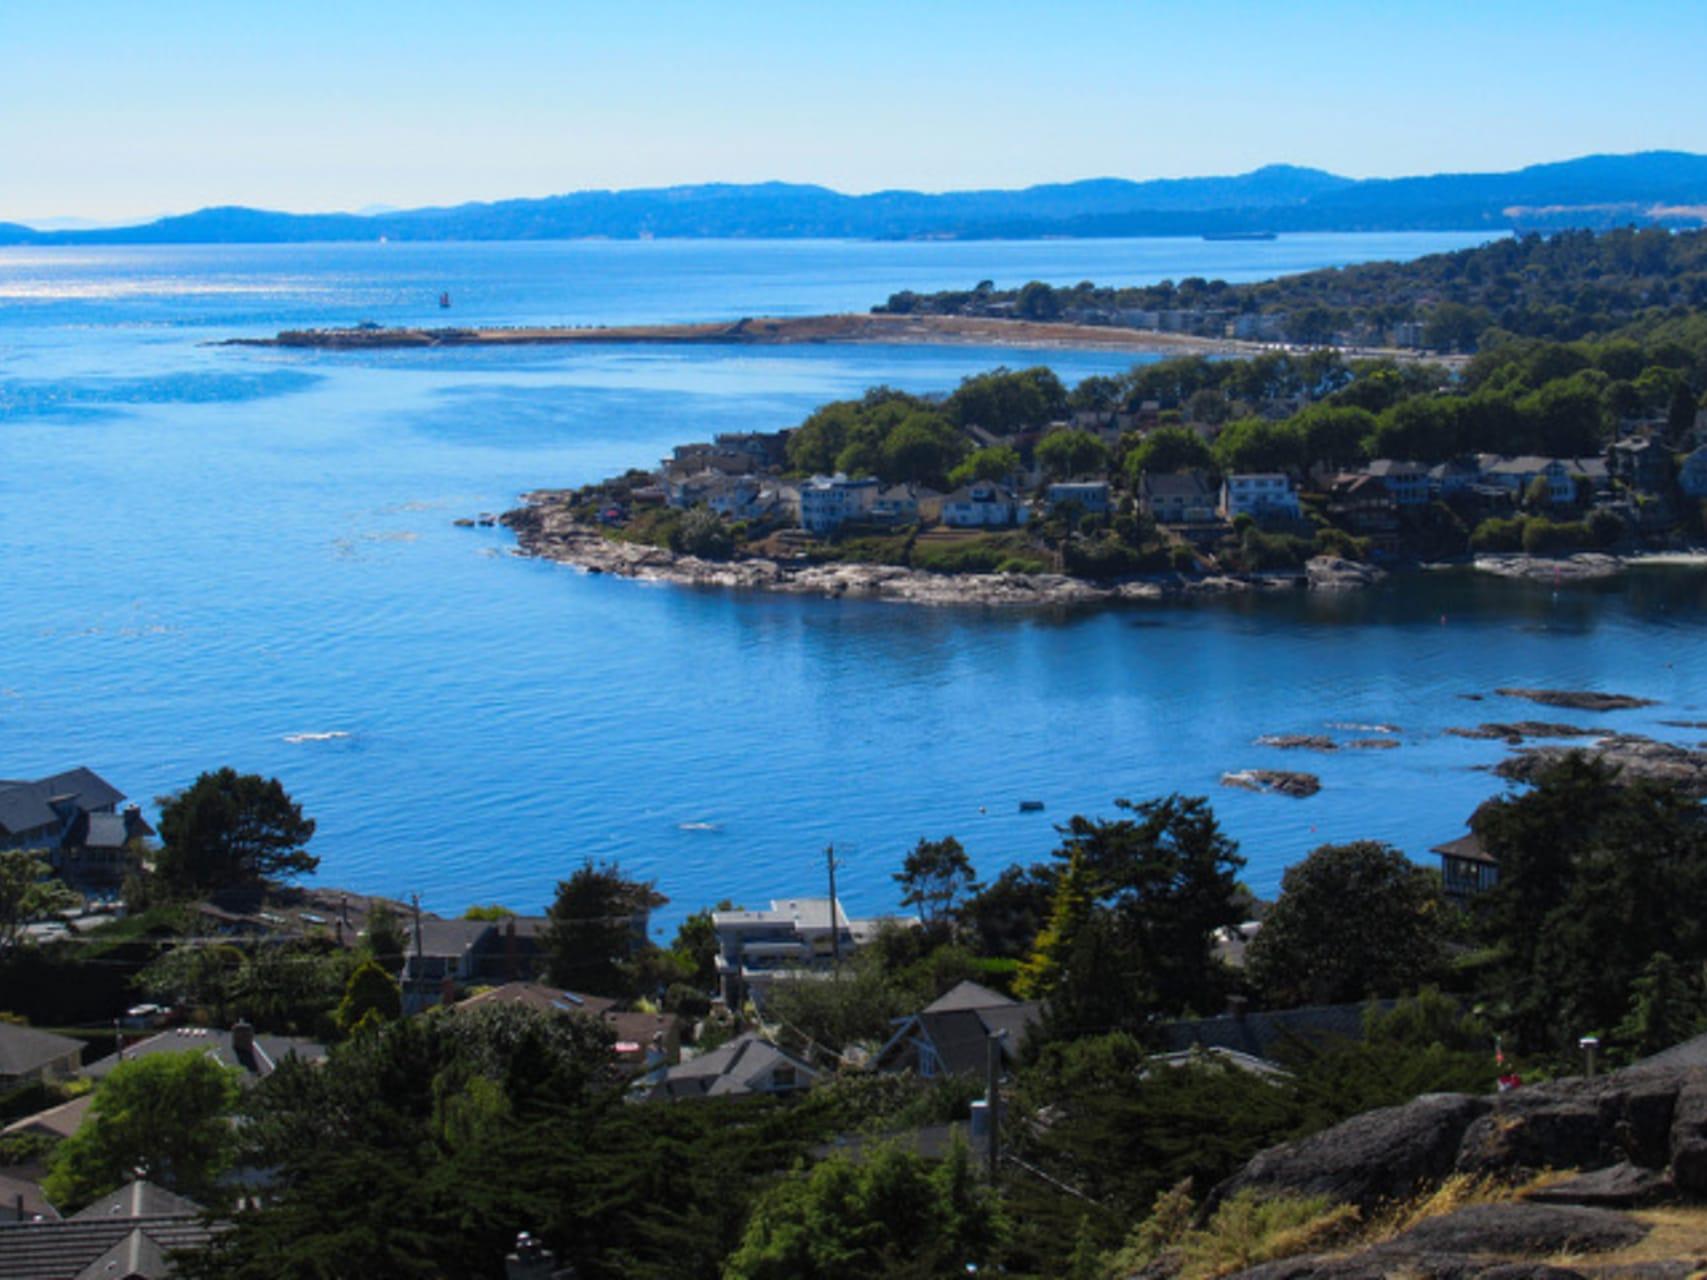 Victoria, BC - Fabulous Juan de Fuca Strait on Vancouver Island